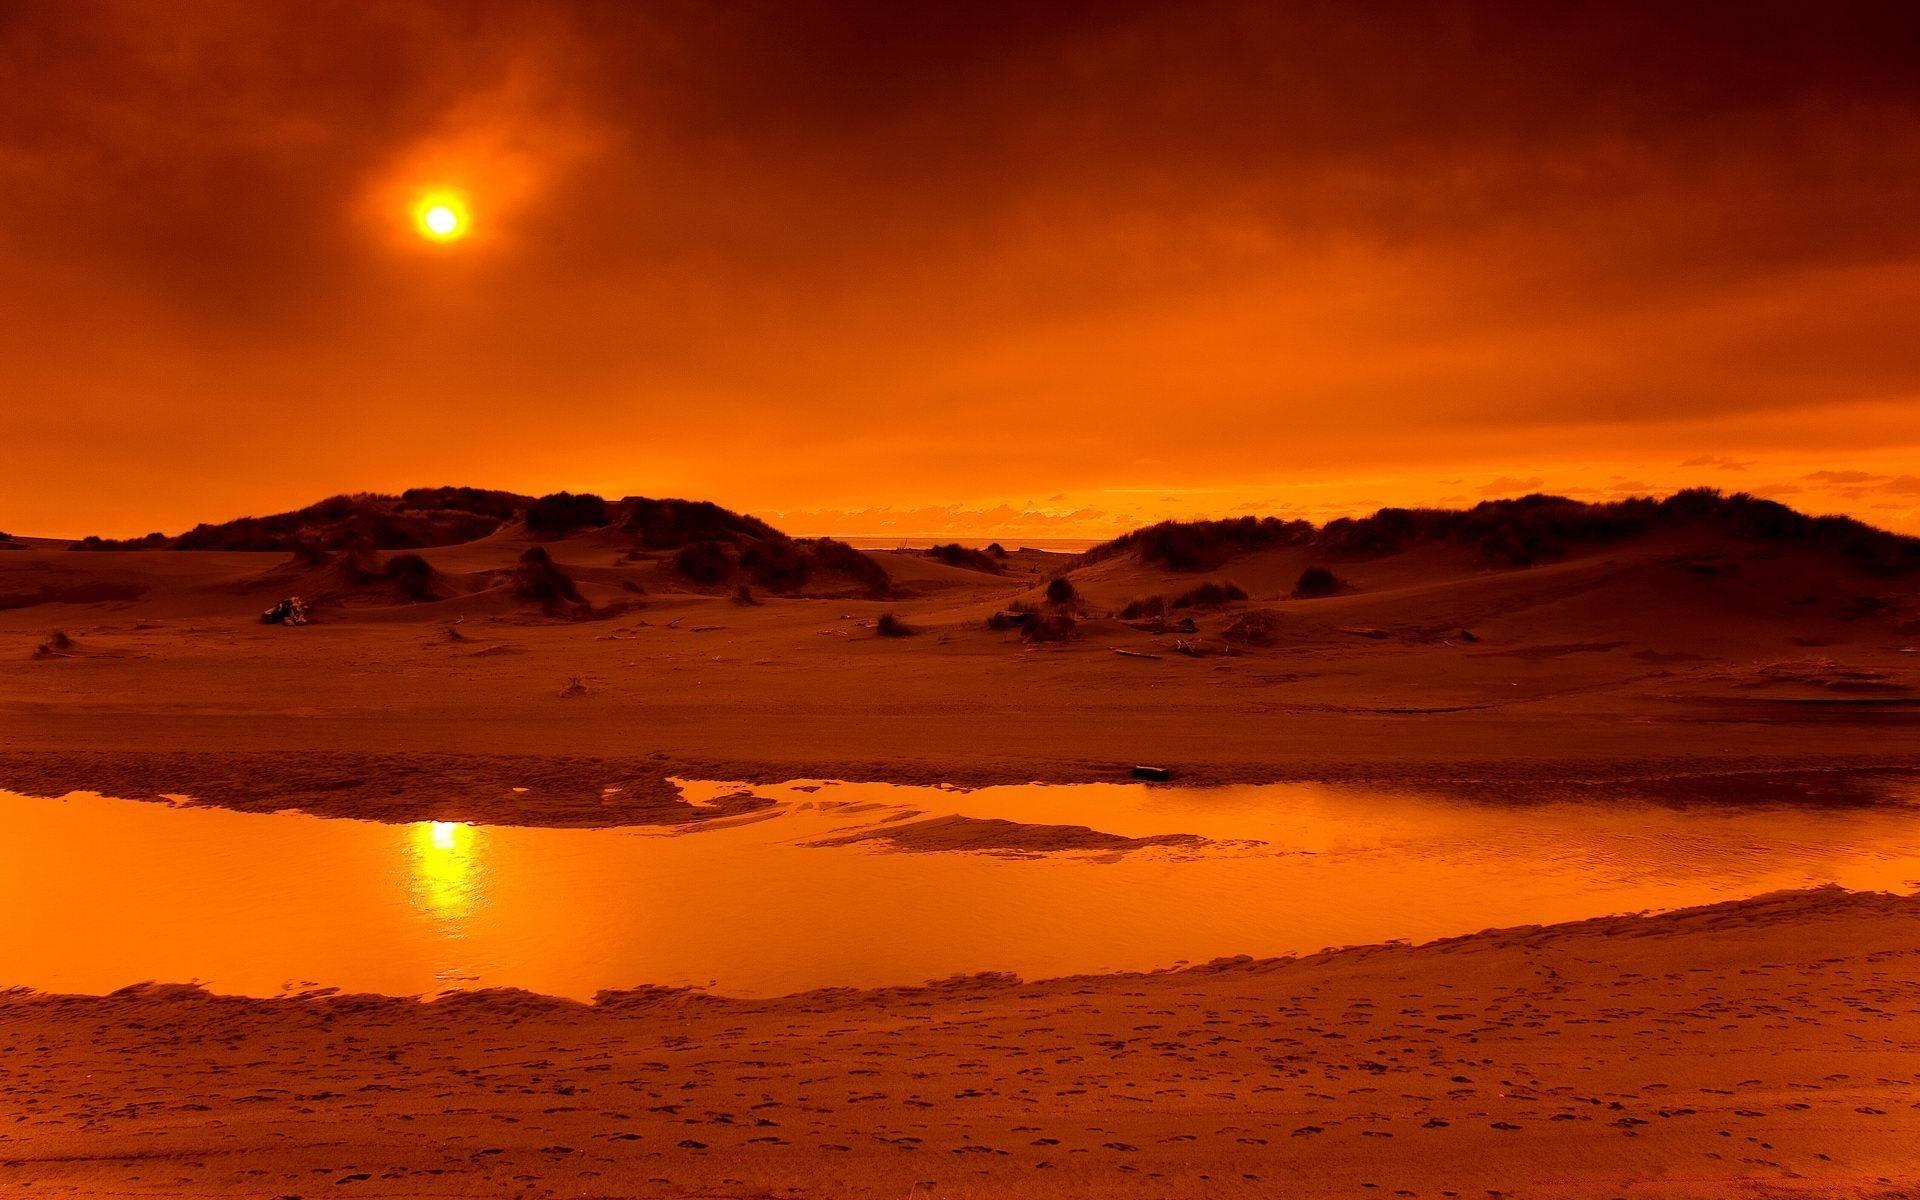 поле фотографии восхода солнца в пустыне постоянный герой